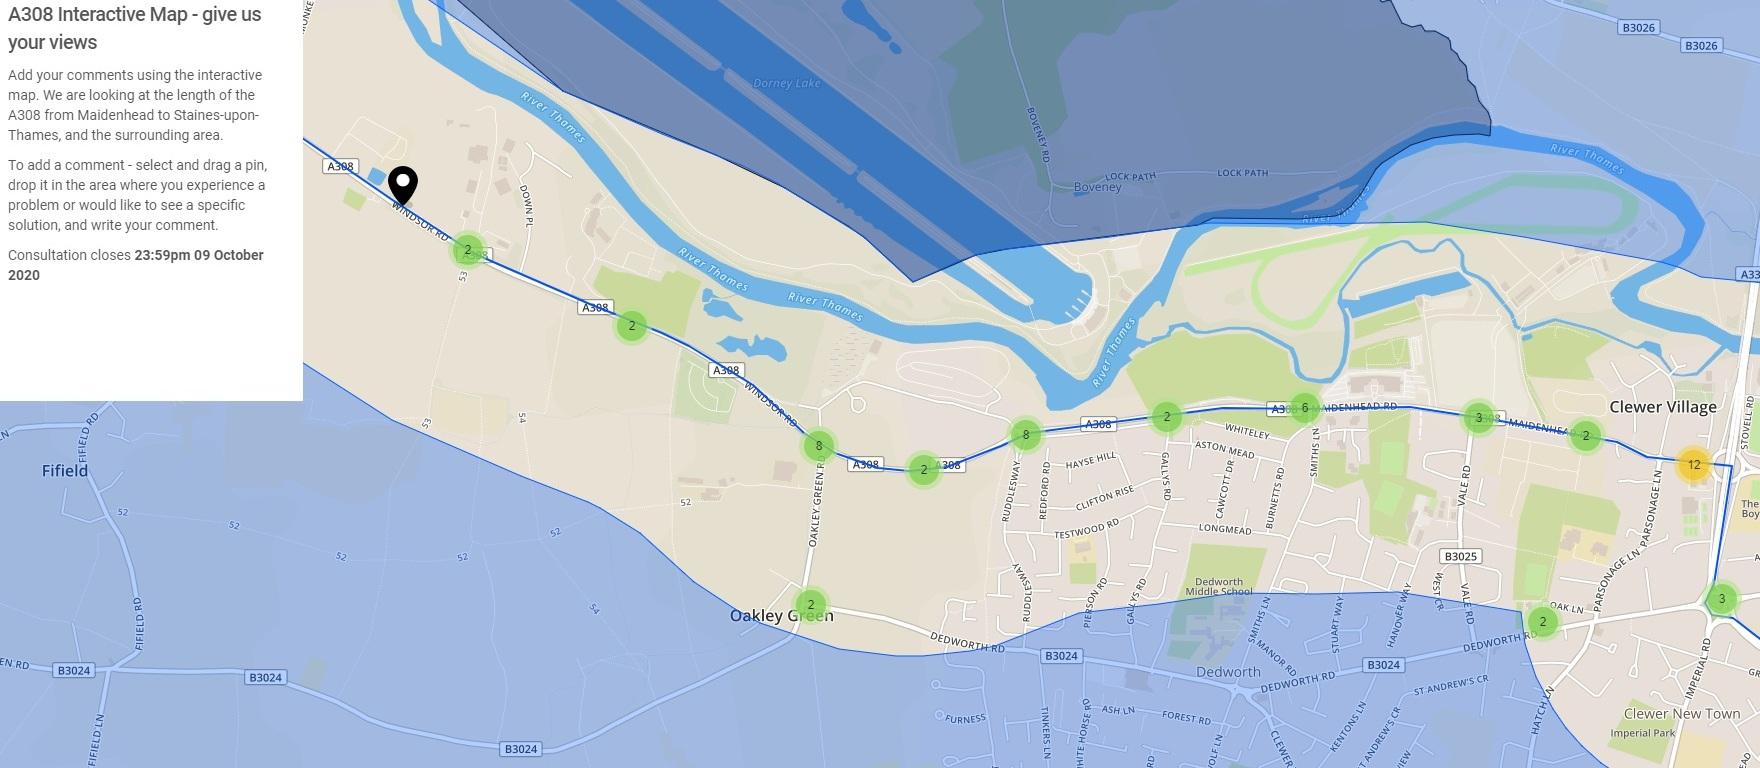 a308 corridor review map dedworth 210920